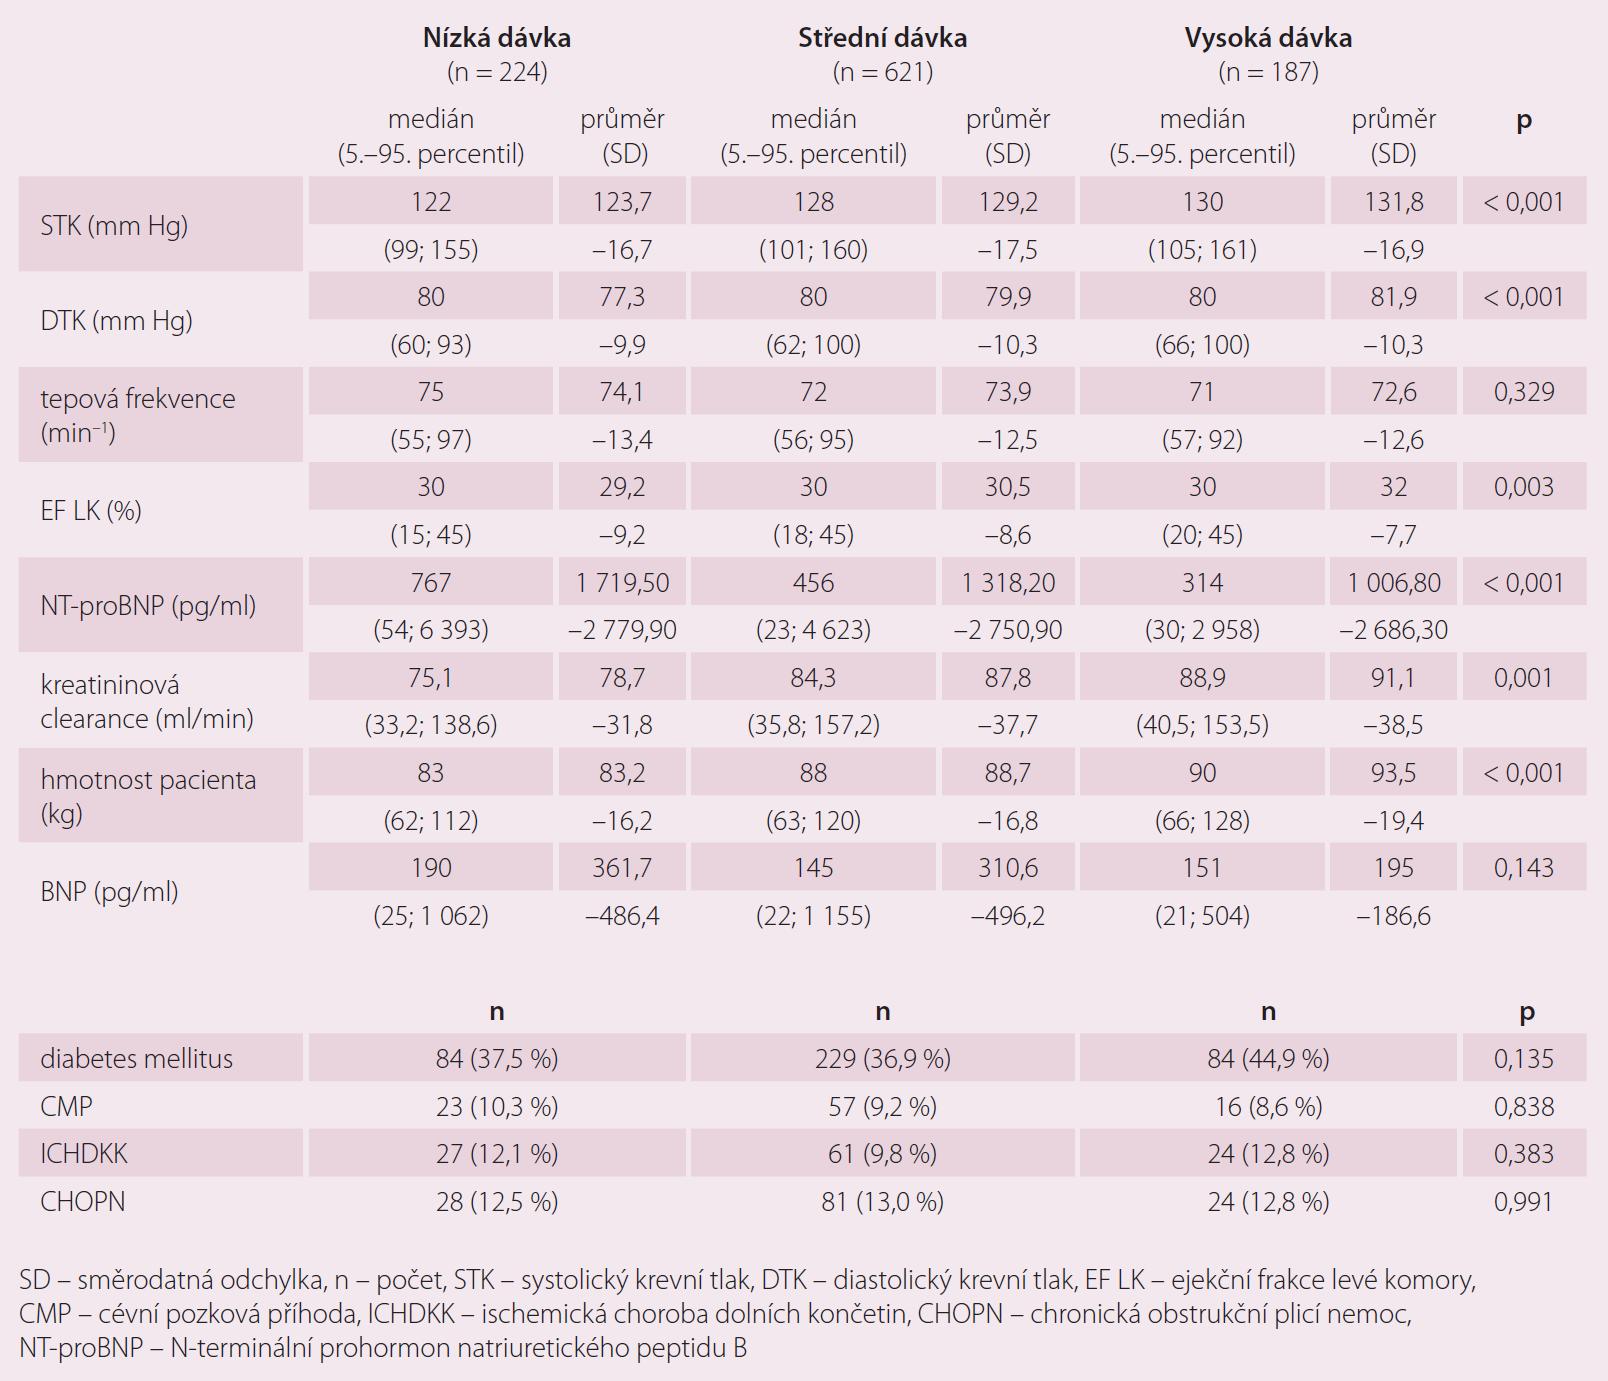 Charakteristika pacientů podle dávky betablokátoru.